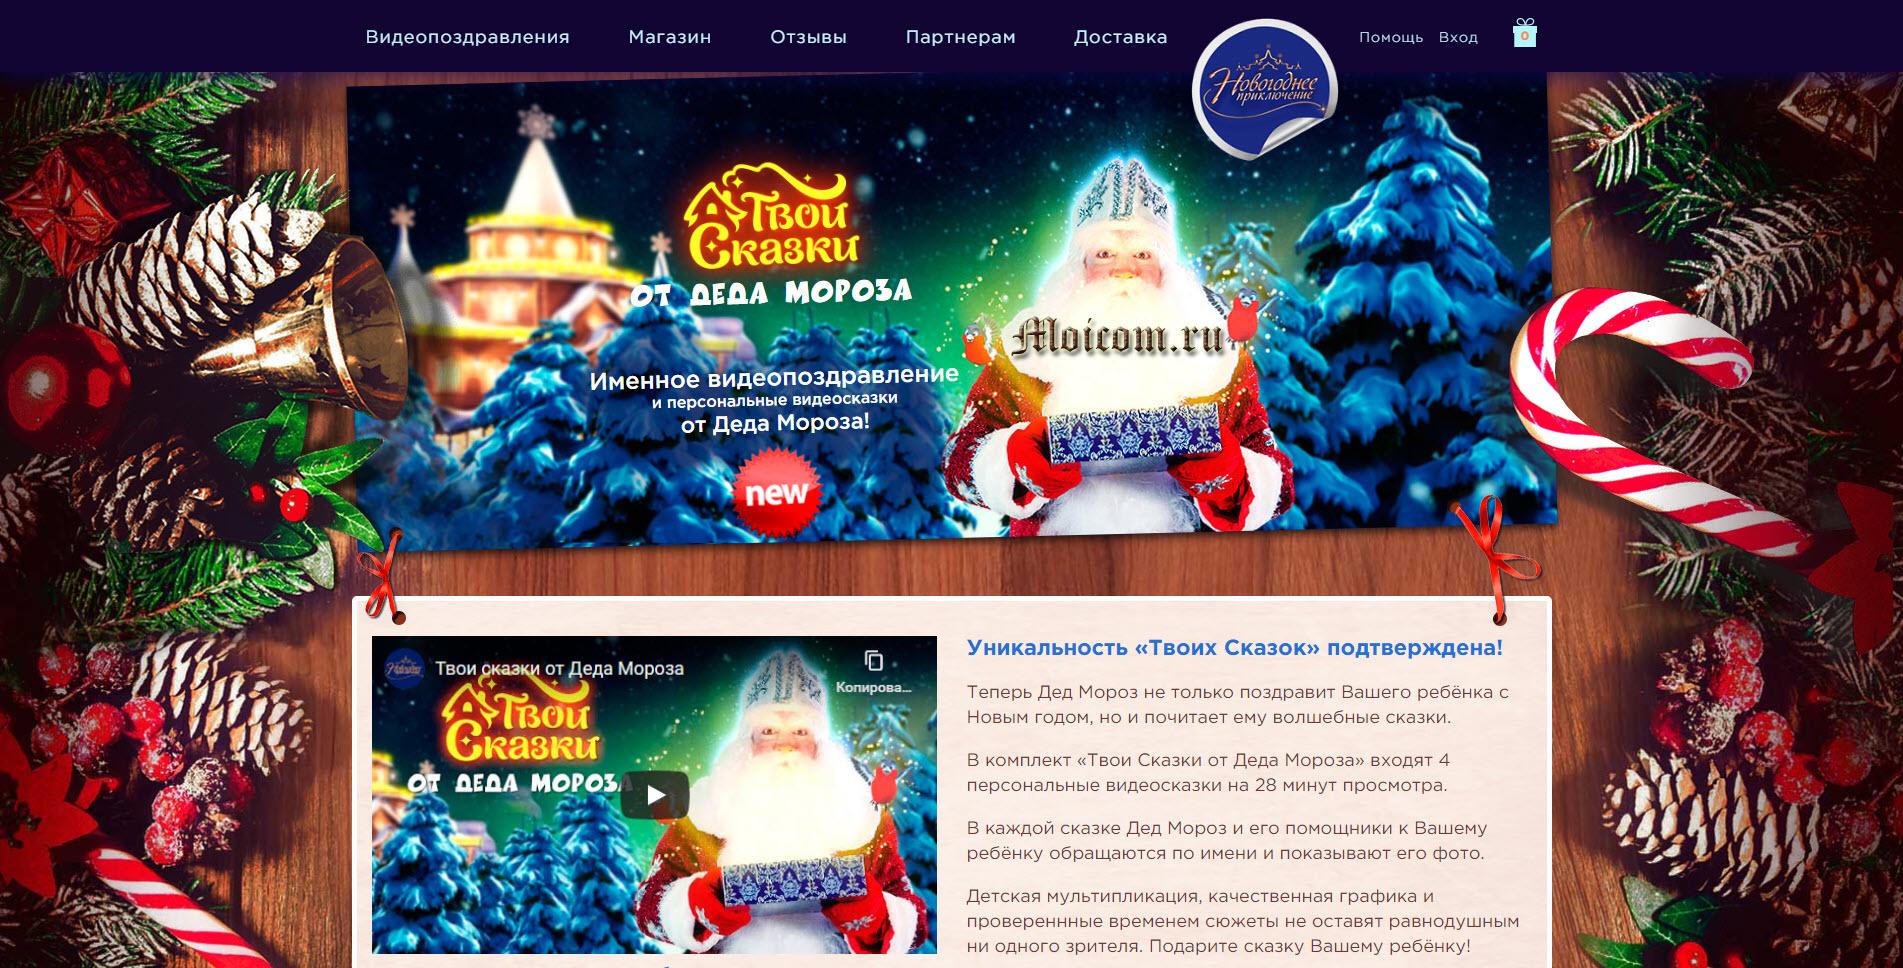 Сервисы видео поздравлений с новым годом от деда мороза - новогодние приключения